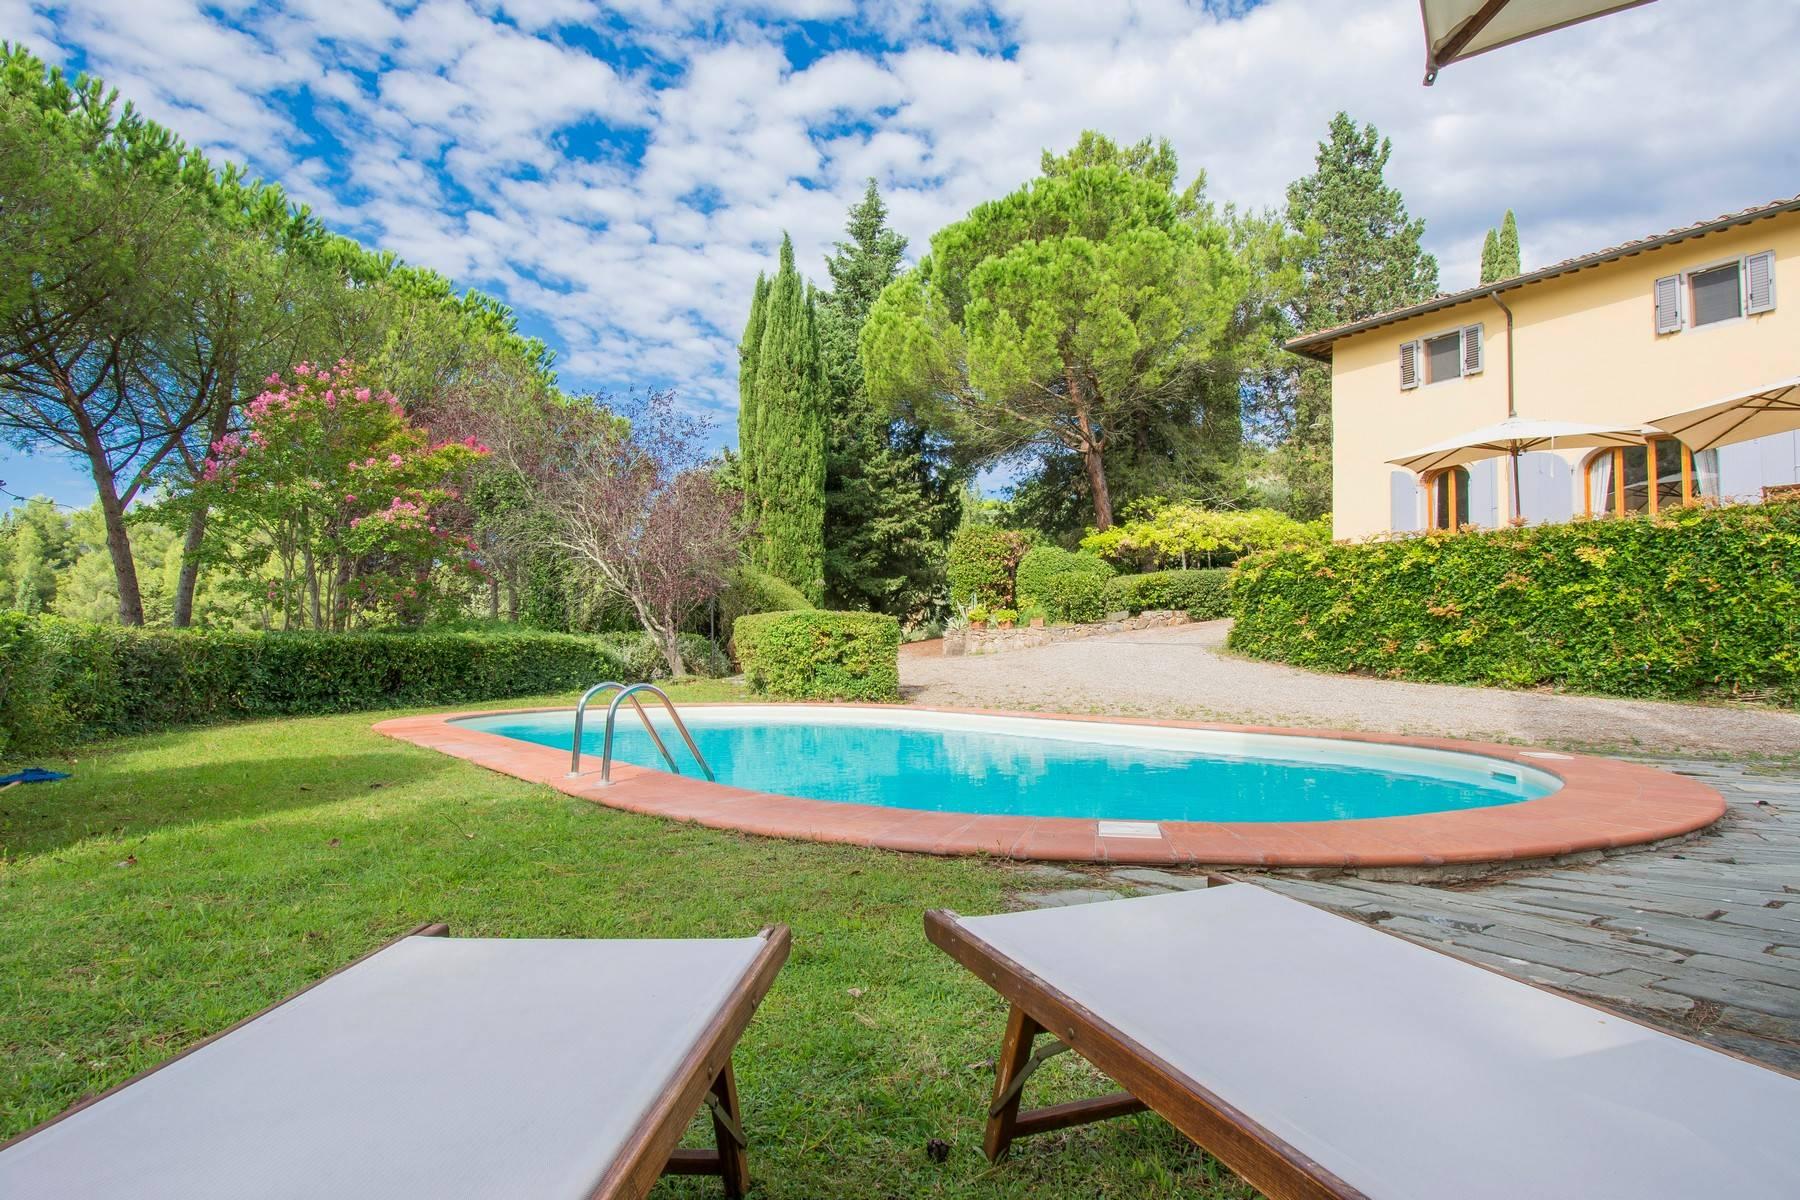 Villa in Vendita a Montopoli In Val D'Arno: 5 locali, 400 mq - Foto 6